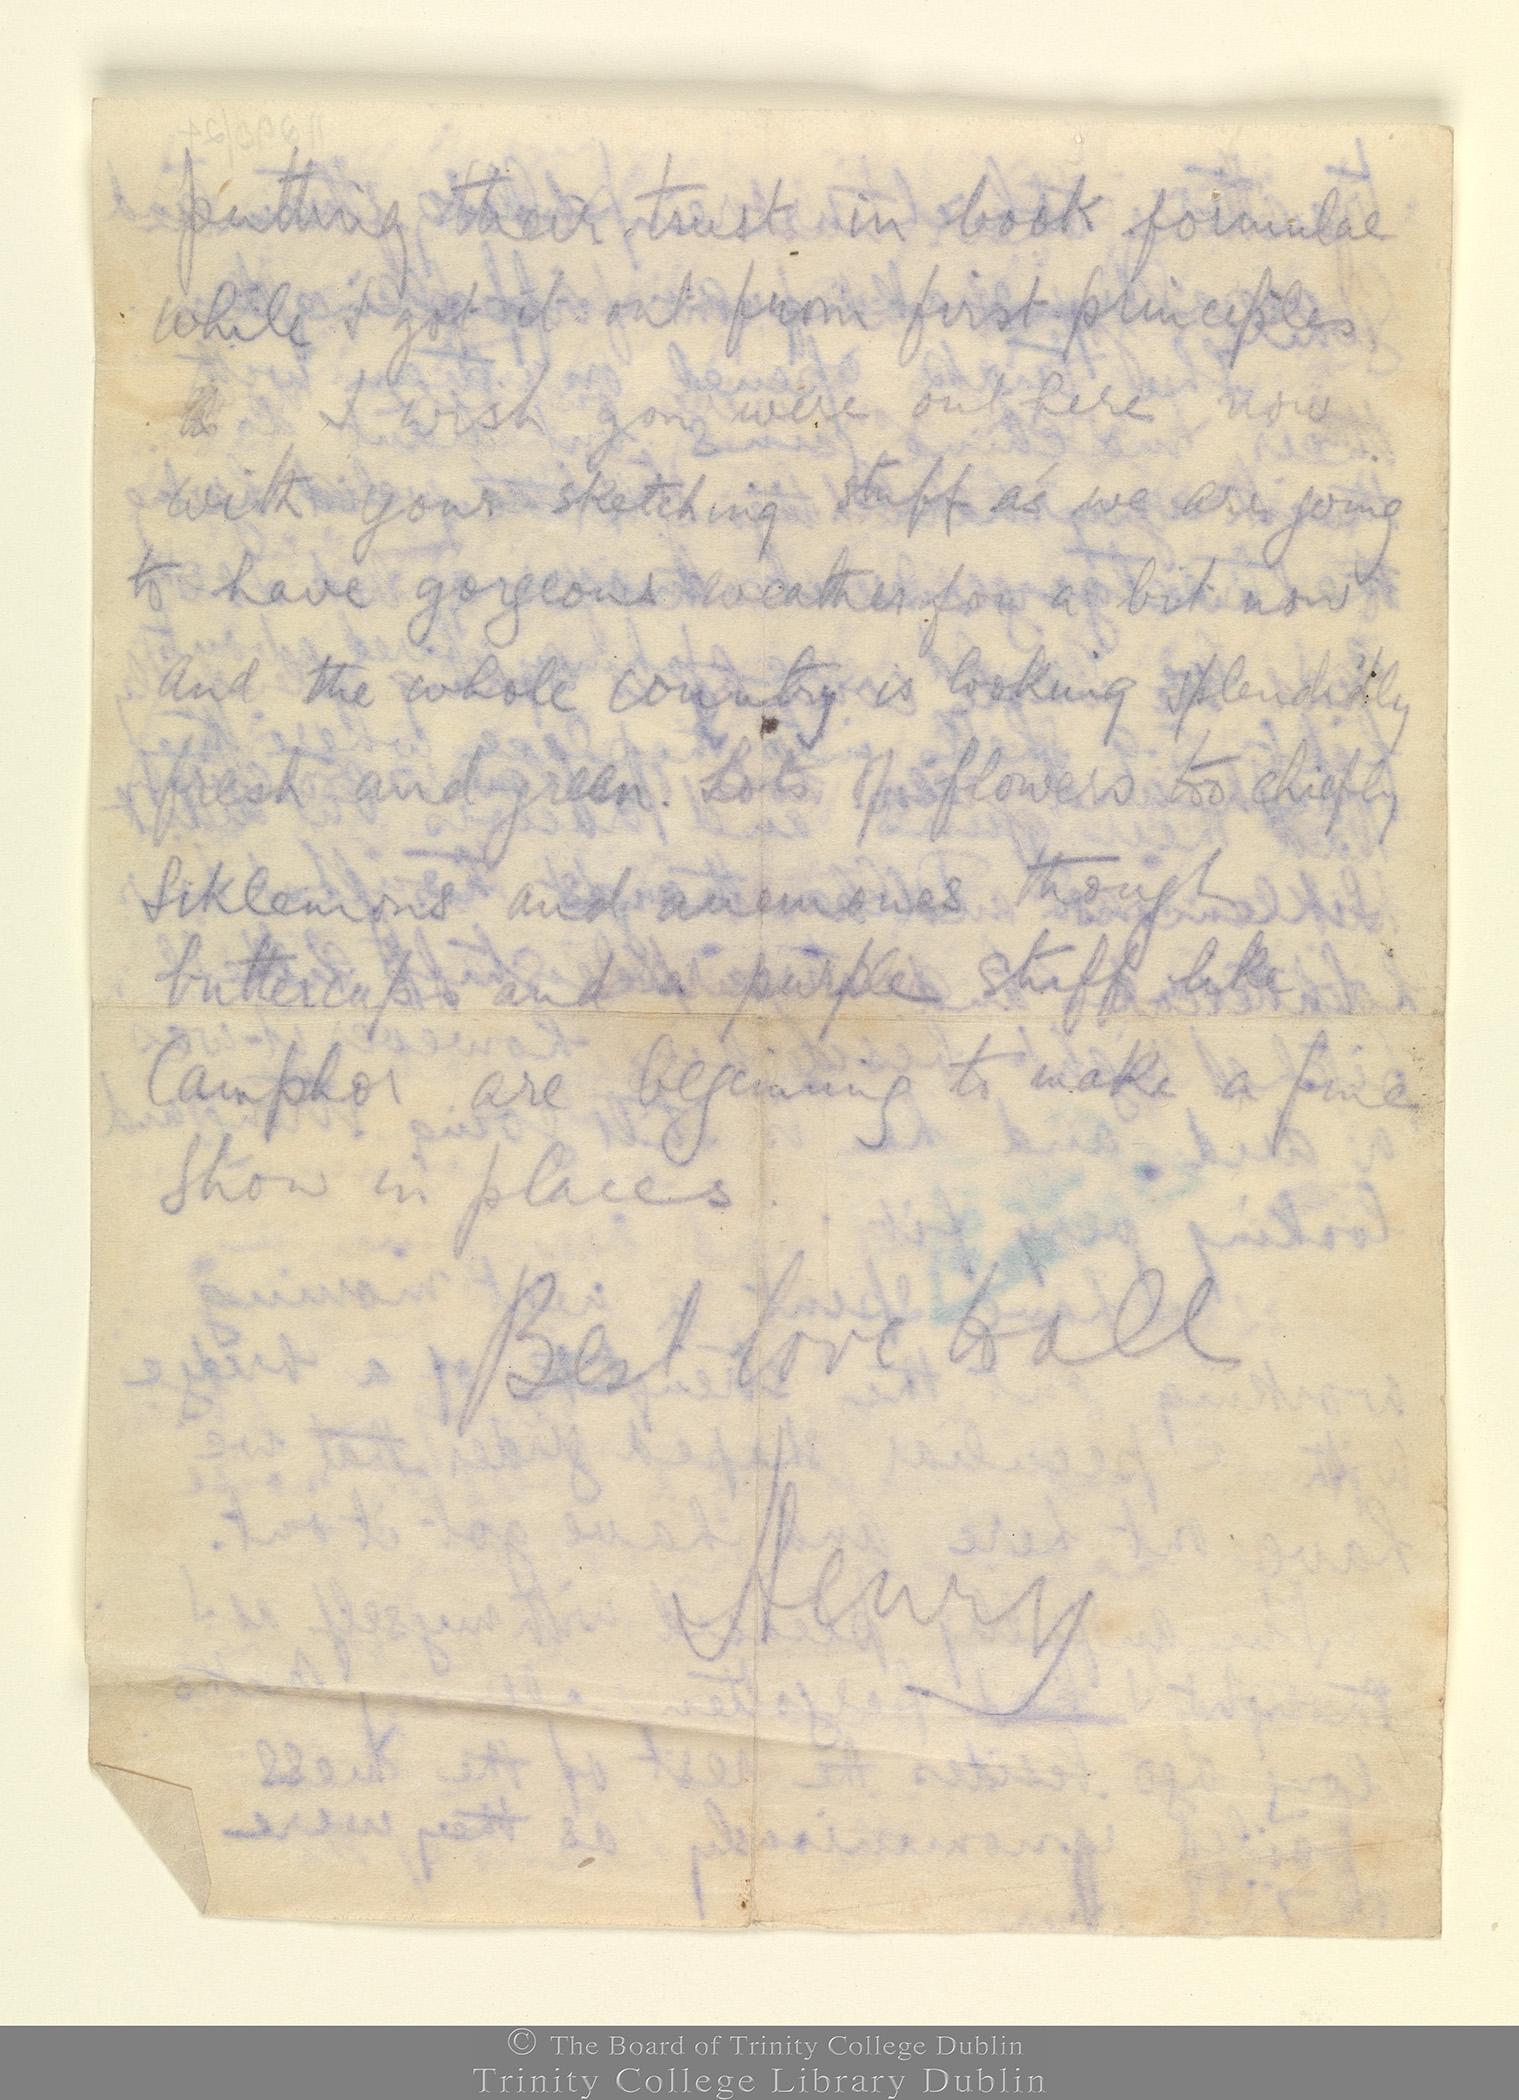 TCD MS 11290/24 folio 2 verso